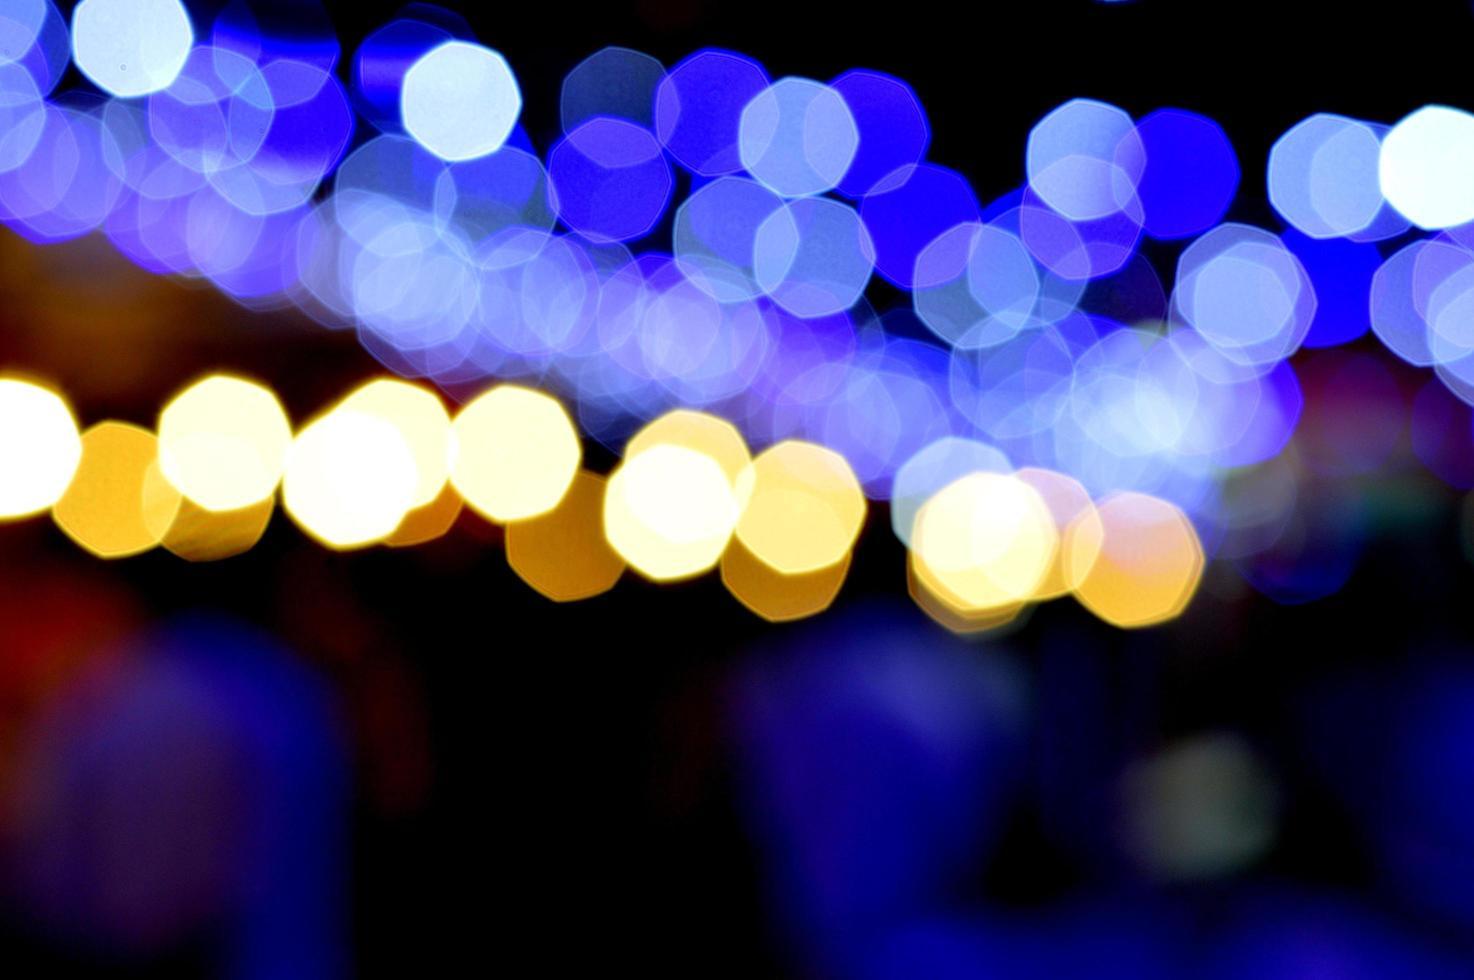 Bokeh Fotografie in der Nacht foto